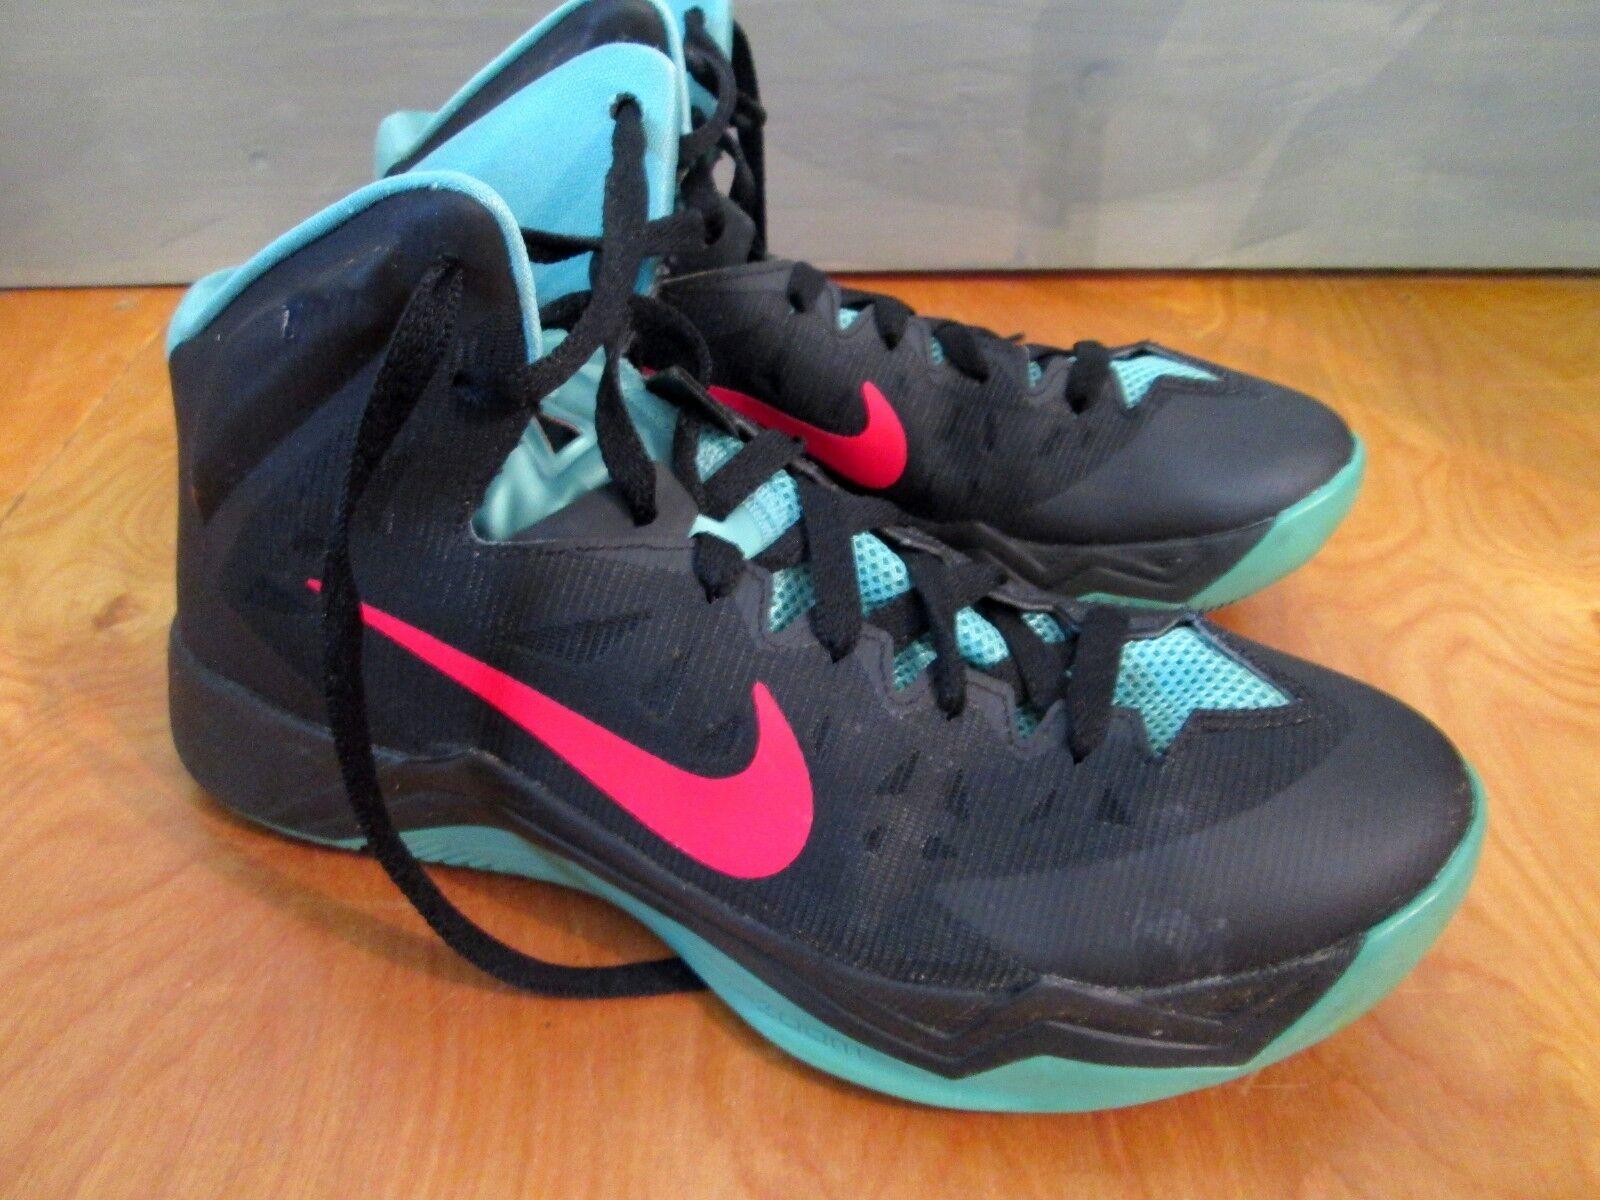 4d55110aedc9a6 Nike Retro Zoom Hyperquickness Hyperquickness Hyperquickness Basketball  Chaussures/Baskets/Hi-Tops sz. très bon état   Les Produits Sont Vendu Sans  ...